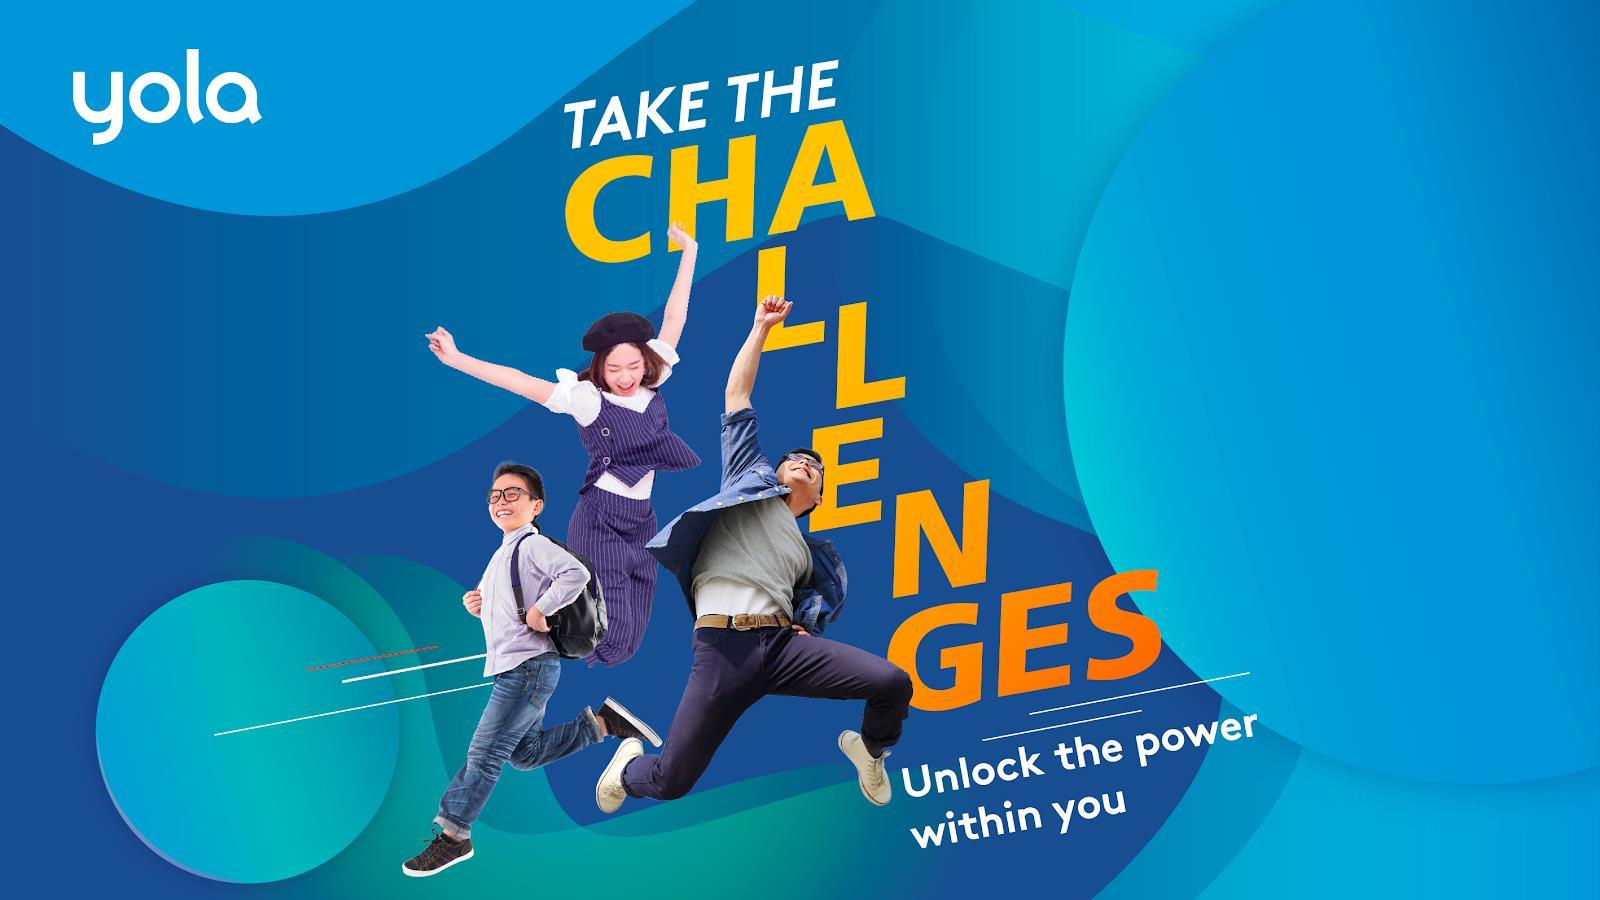 Take the challenges: Chấp nhận thử thách - Vượt qua giới hạn - Ảnh 1.